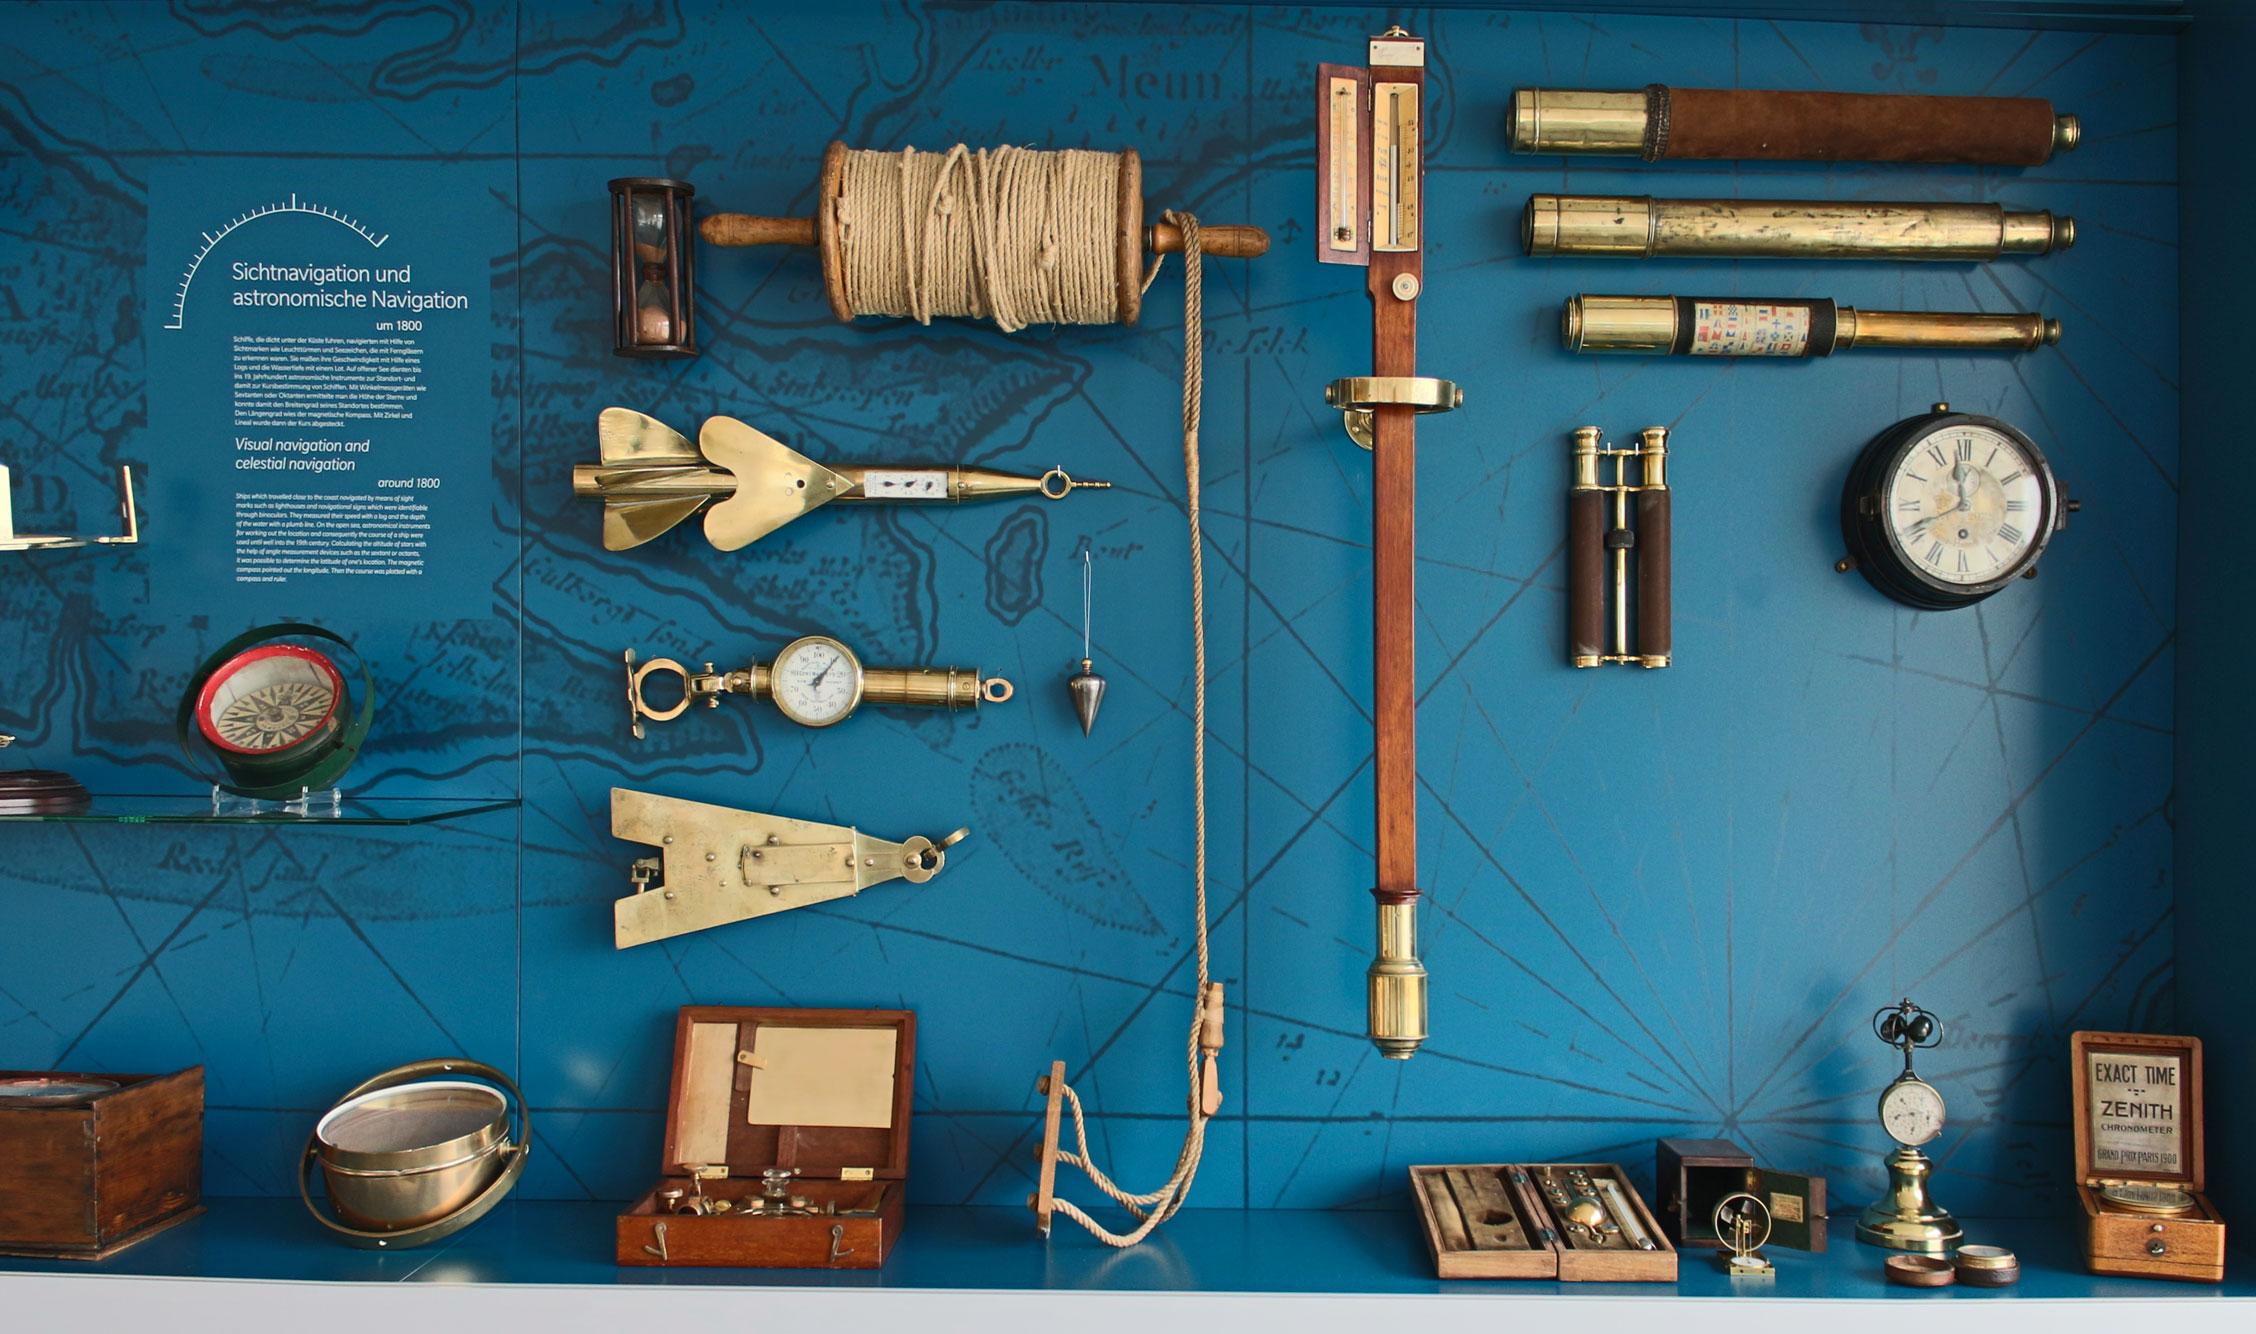 von GROTE Ausstellungsgestaltung und Design / Kieler Stadt- und Schifffahrtsmuseum, Schifffahrtsmuseum in der Fischhalle 2014